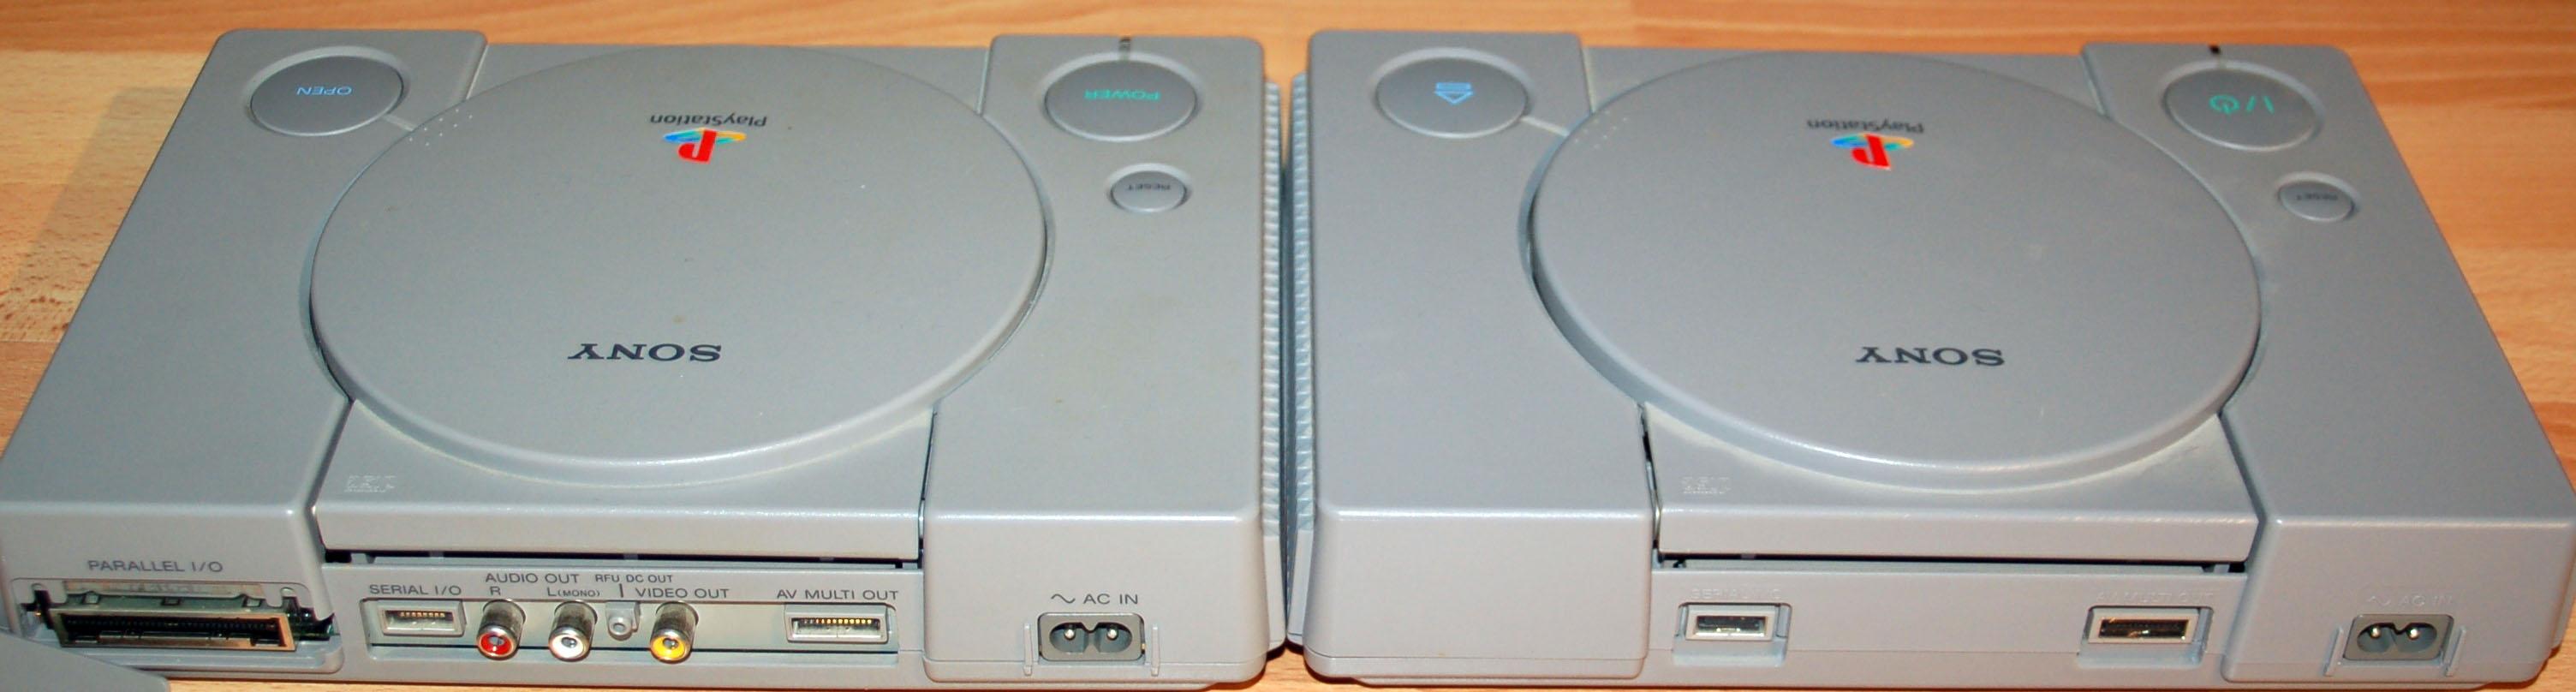 Playstation 3 Wie Viel Speicherplatz